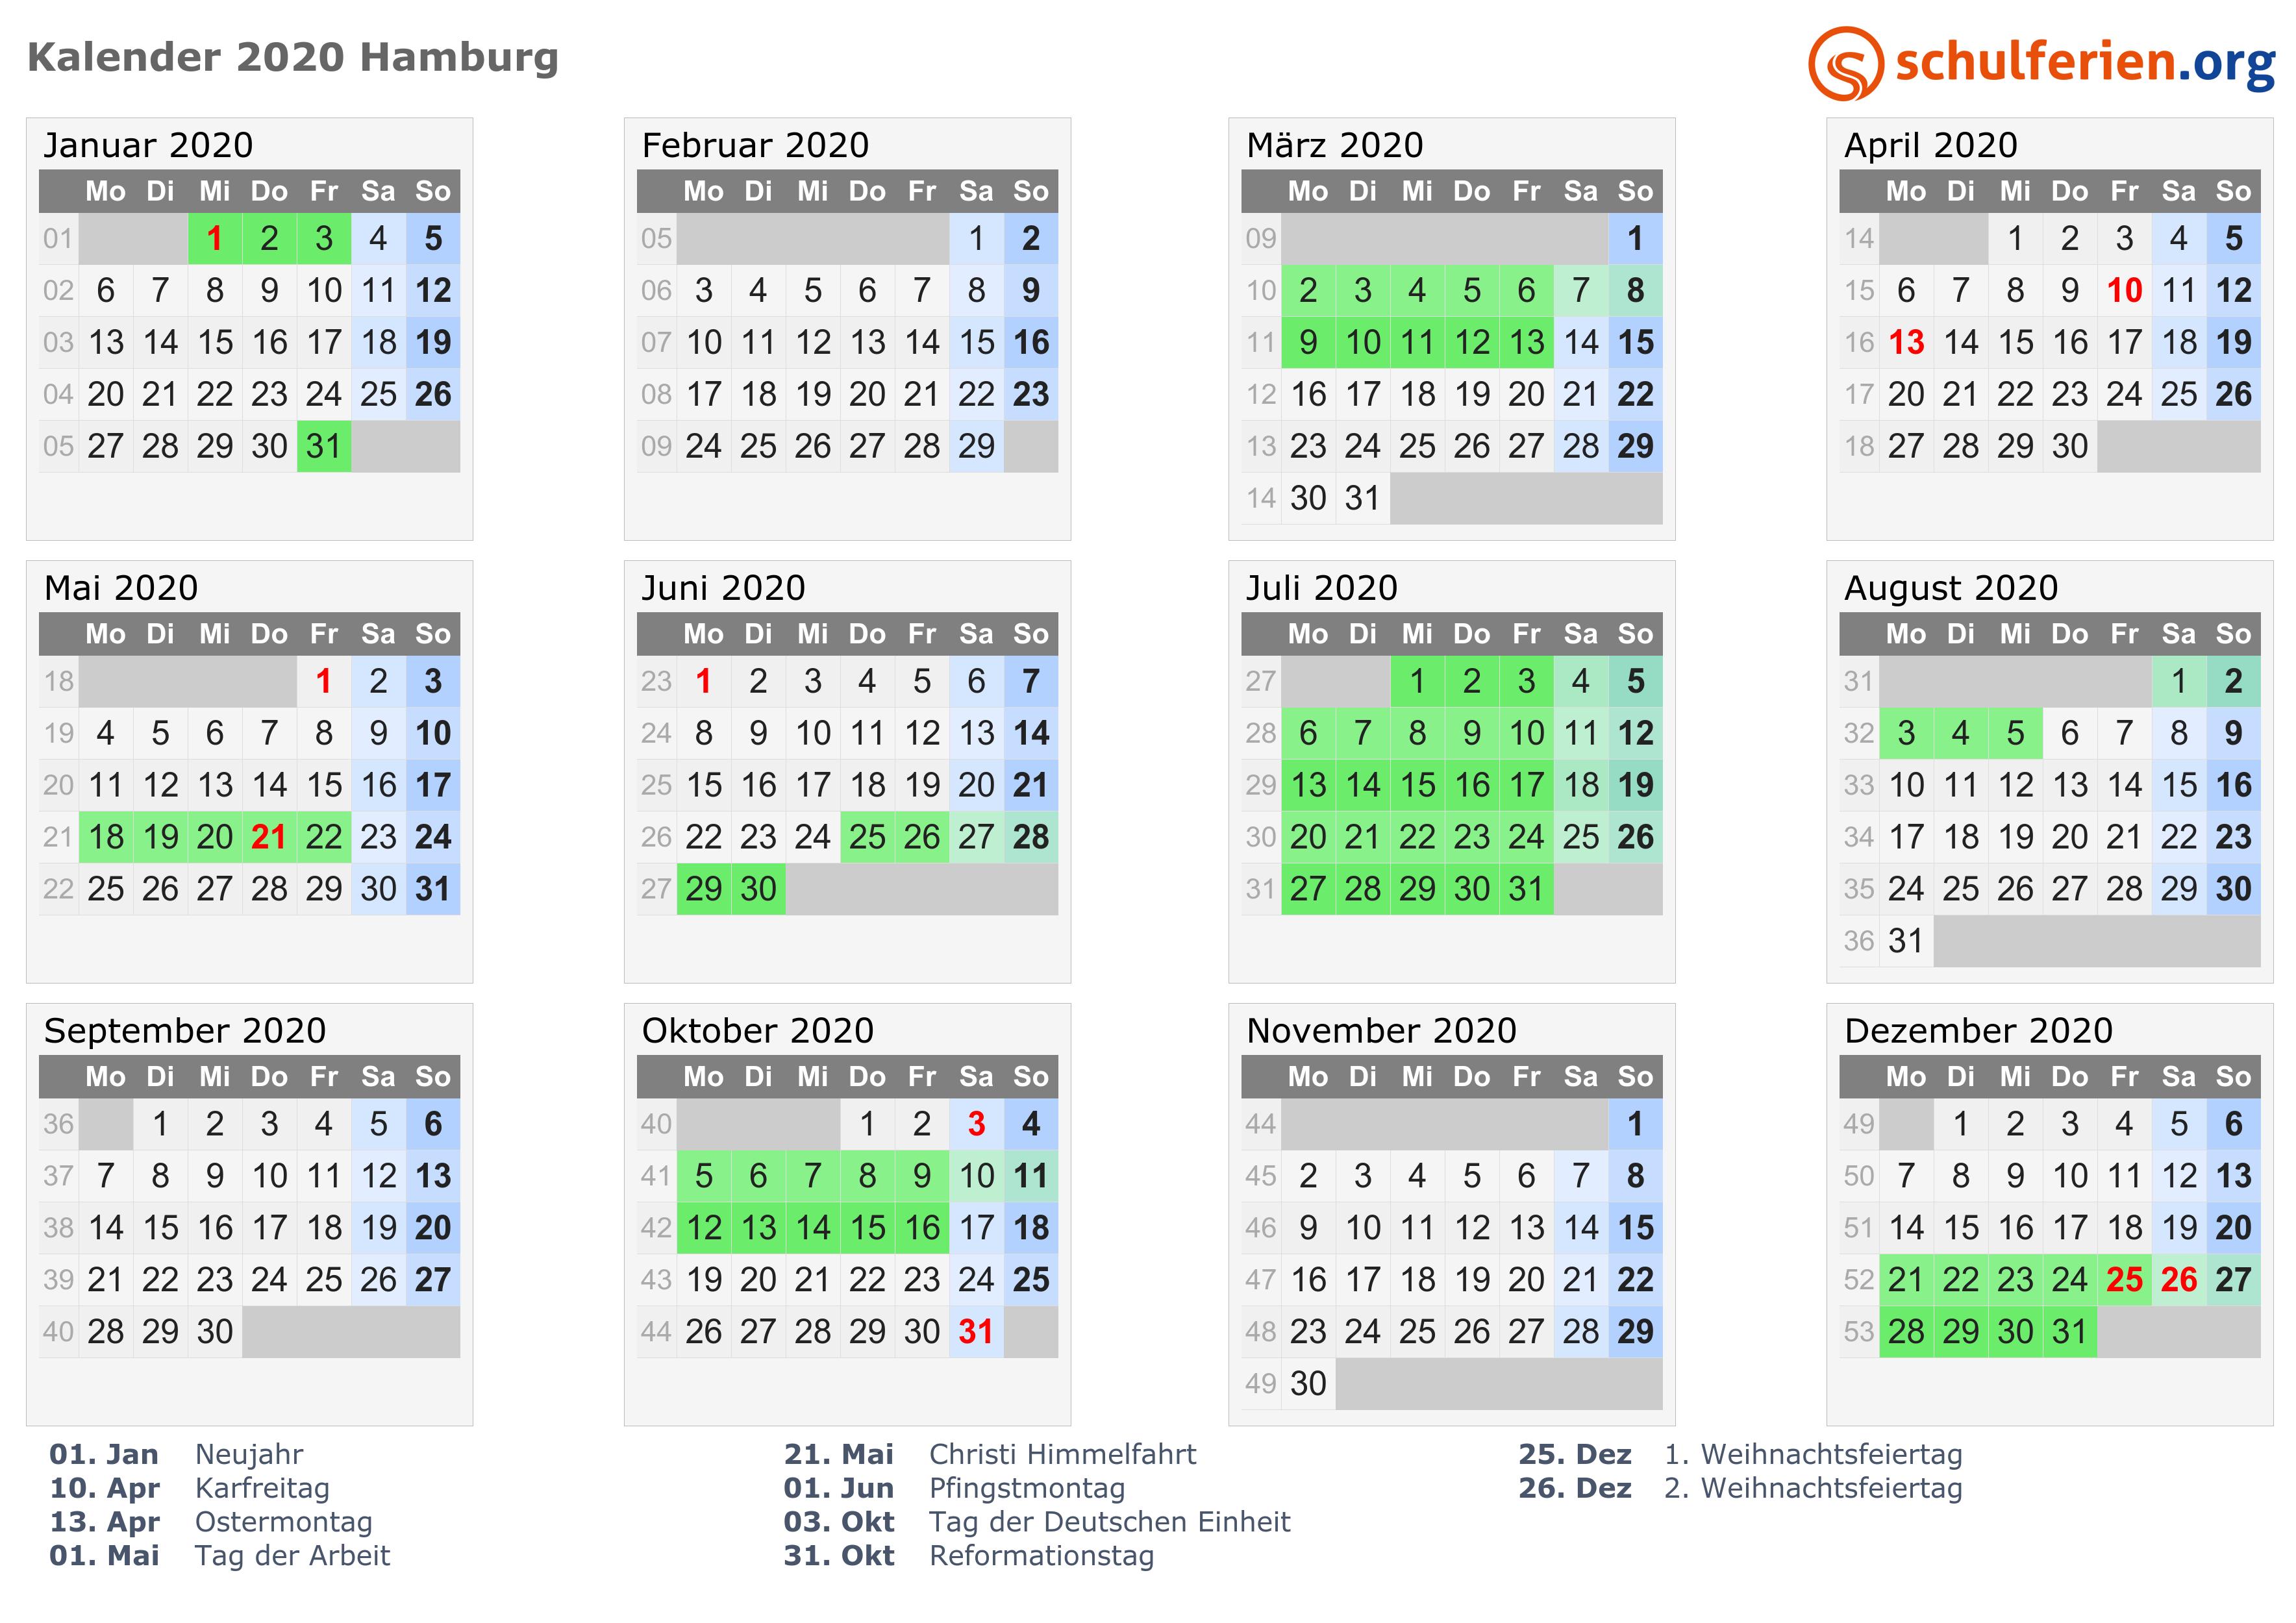 Kalender 2020 Ferien Hamburg Feiertage